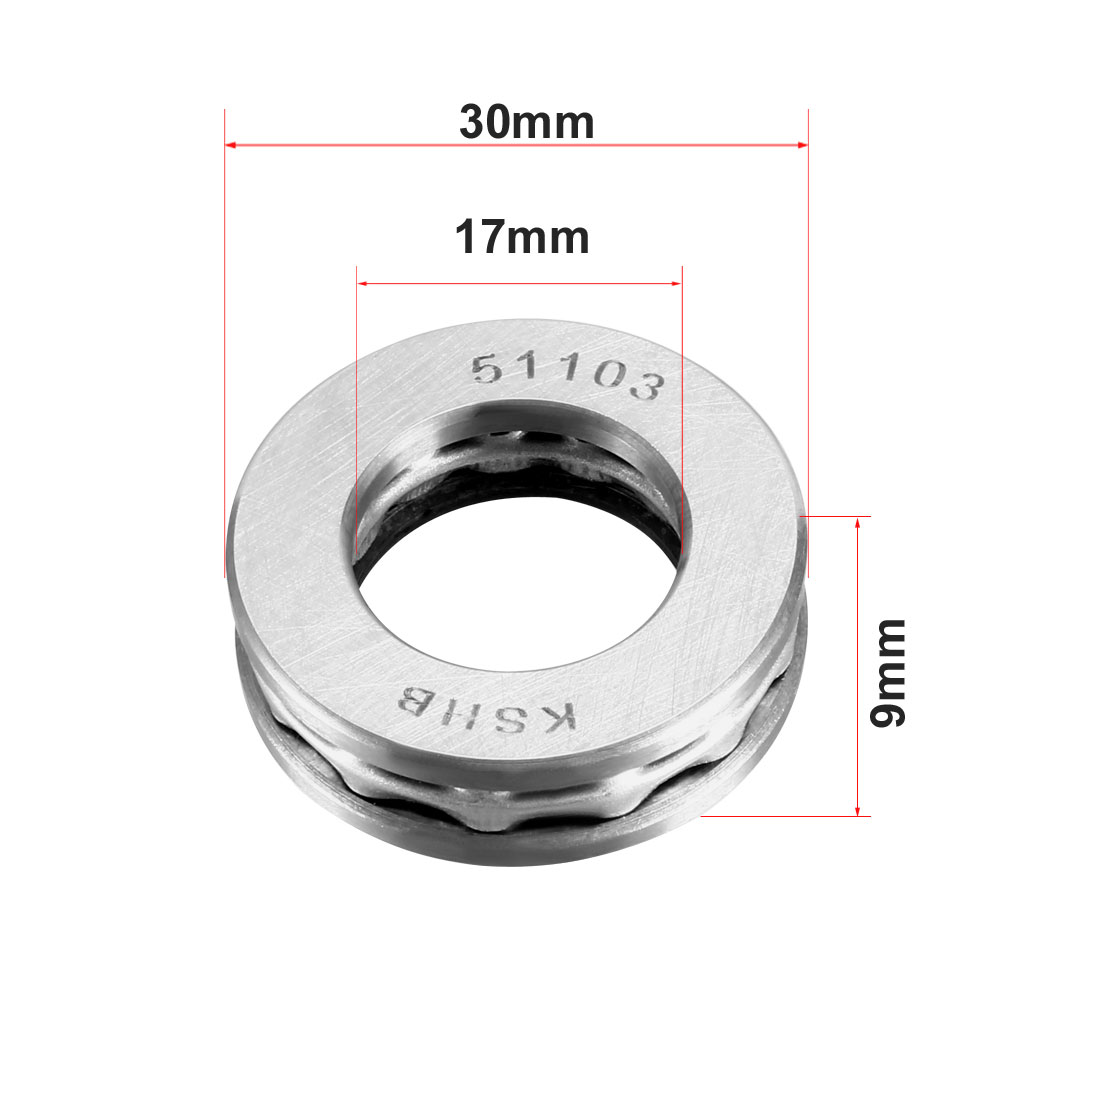 uxcell Carbon Steel Ball Thrust Bearing 51103 17mm x 30mm x 9mm